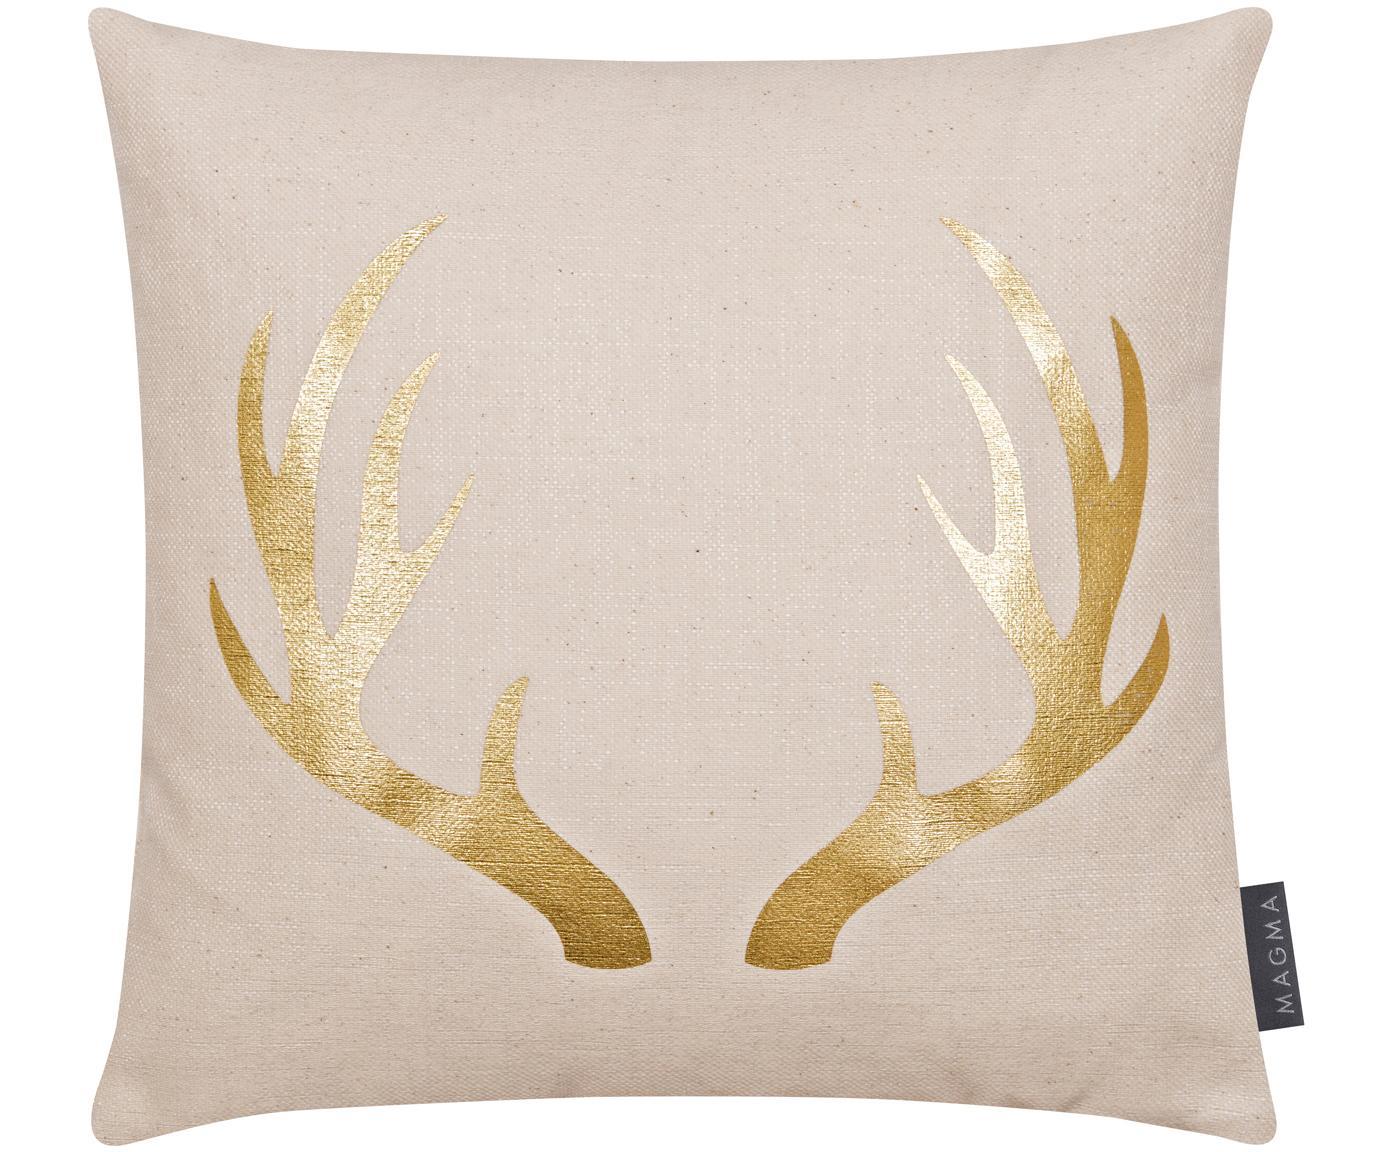 Poszewka na poduszkę Goldwert, 55%bawełna, 45%poliester, Beżowy, odcienie złotego, S 40 x D 40 cm